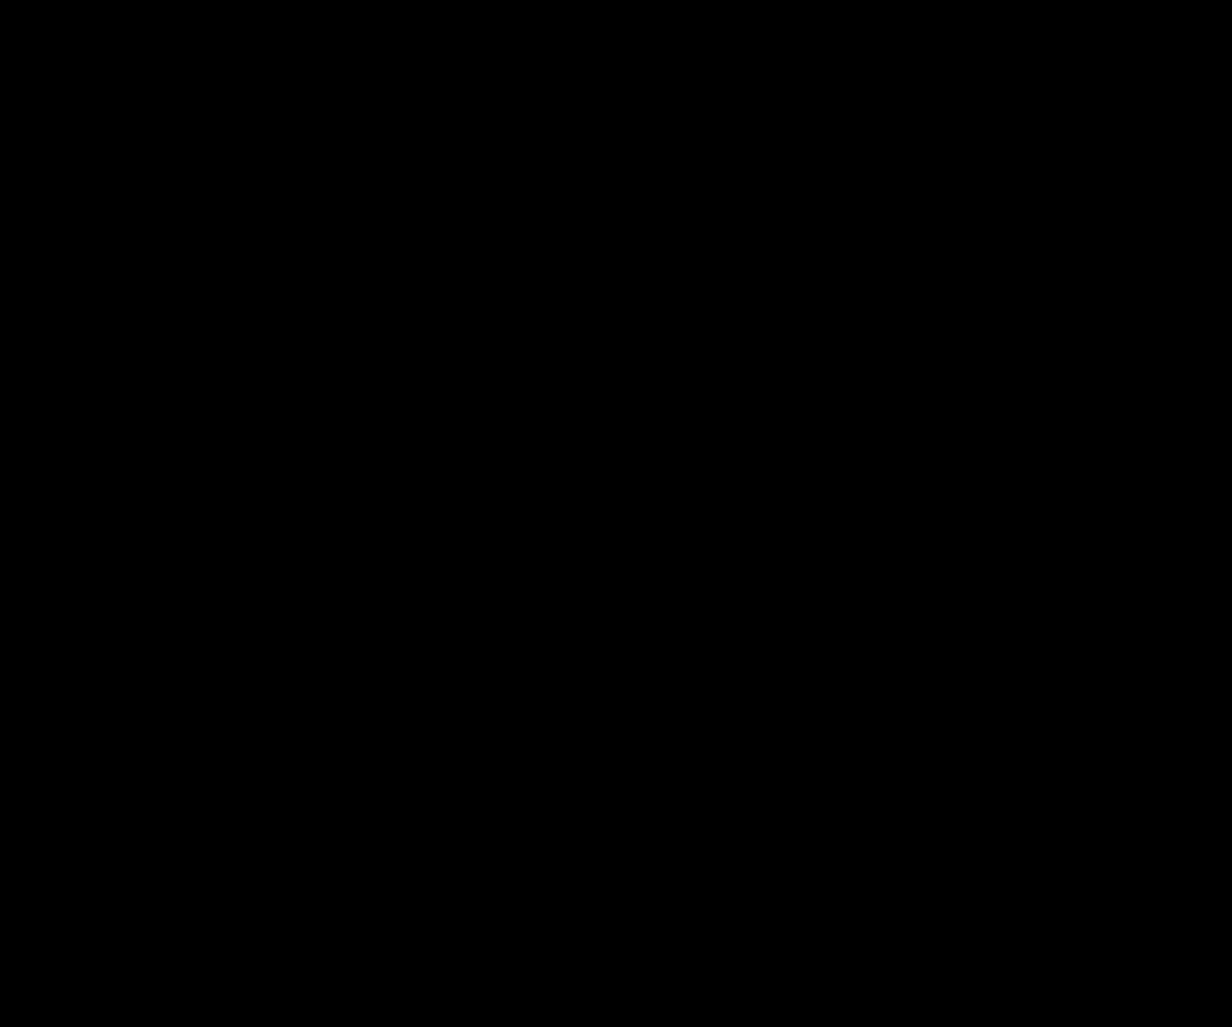 Fungsi Komposisi Fungsi Fungsi Invers Dan Grafik Fungsi Oleh Allamanda 03